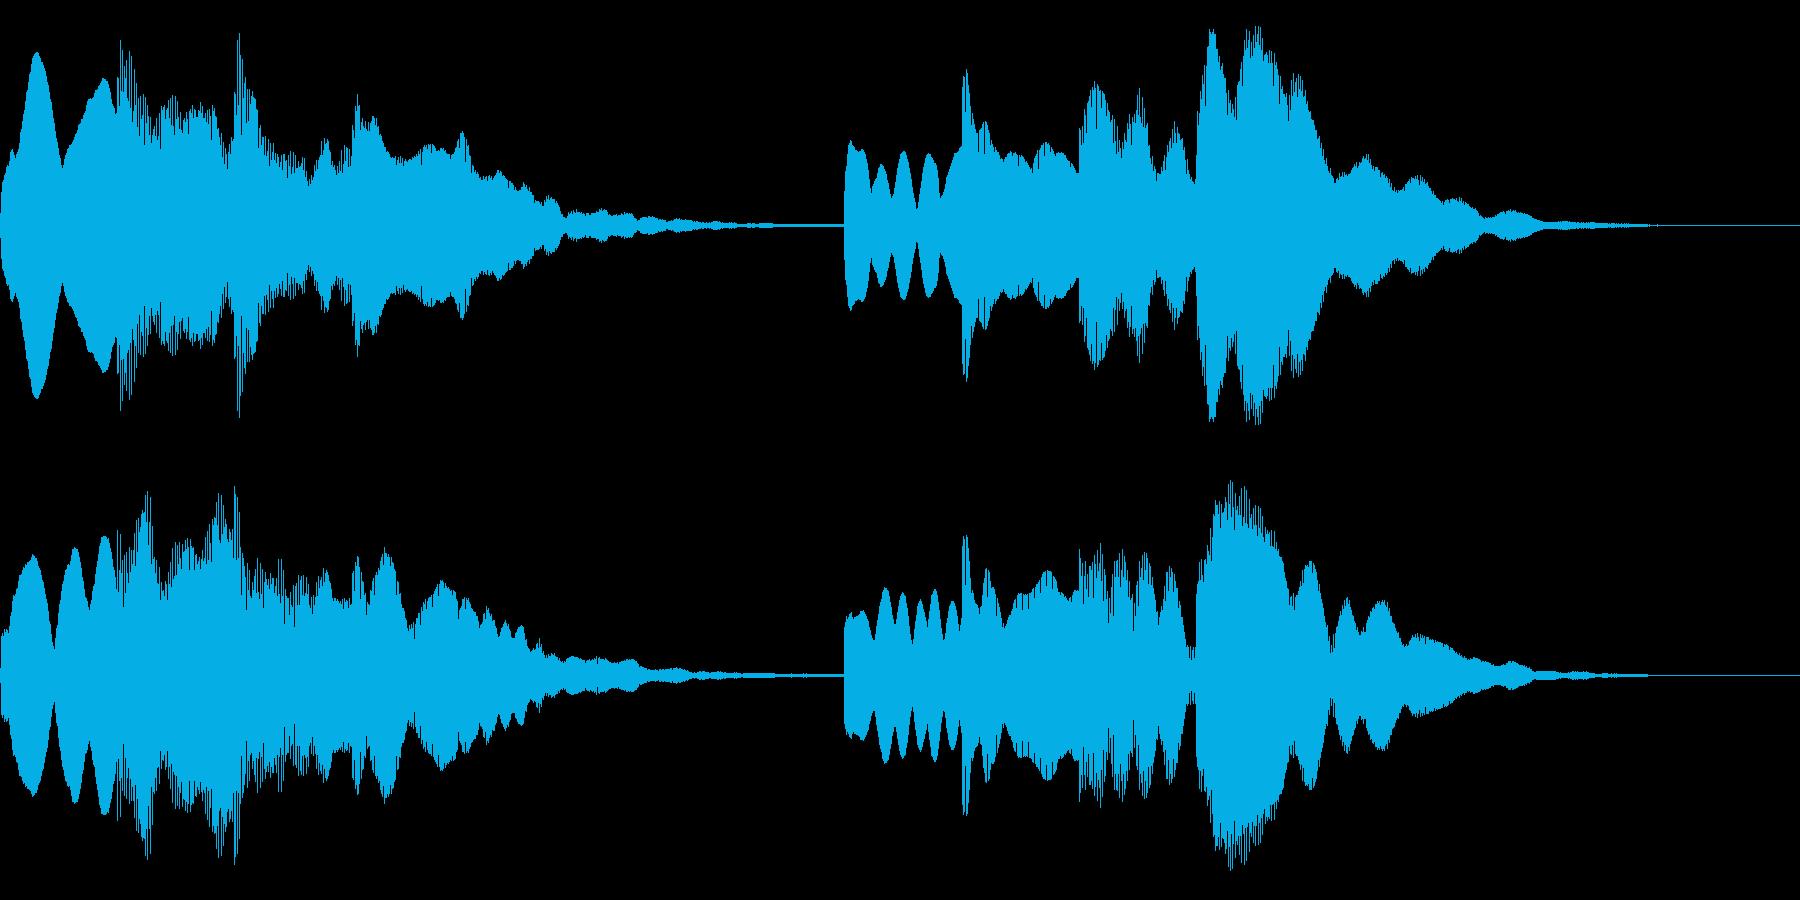 ピンポンパンポン ↑↓ 案内 館内放送の再生済みの波形